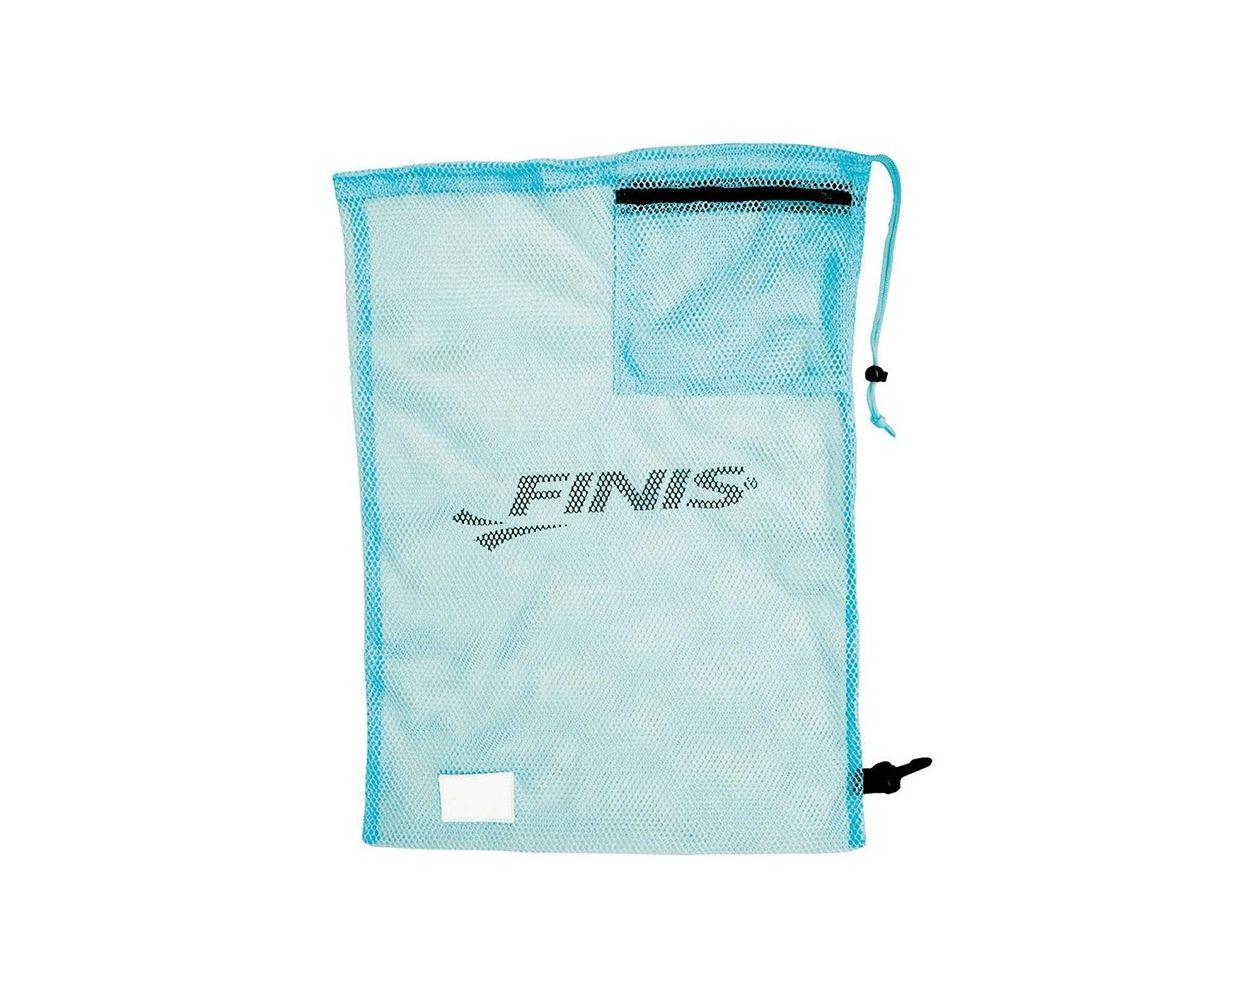 FINIS Mesh Gear Bag